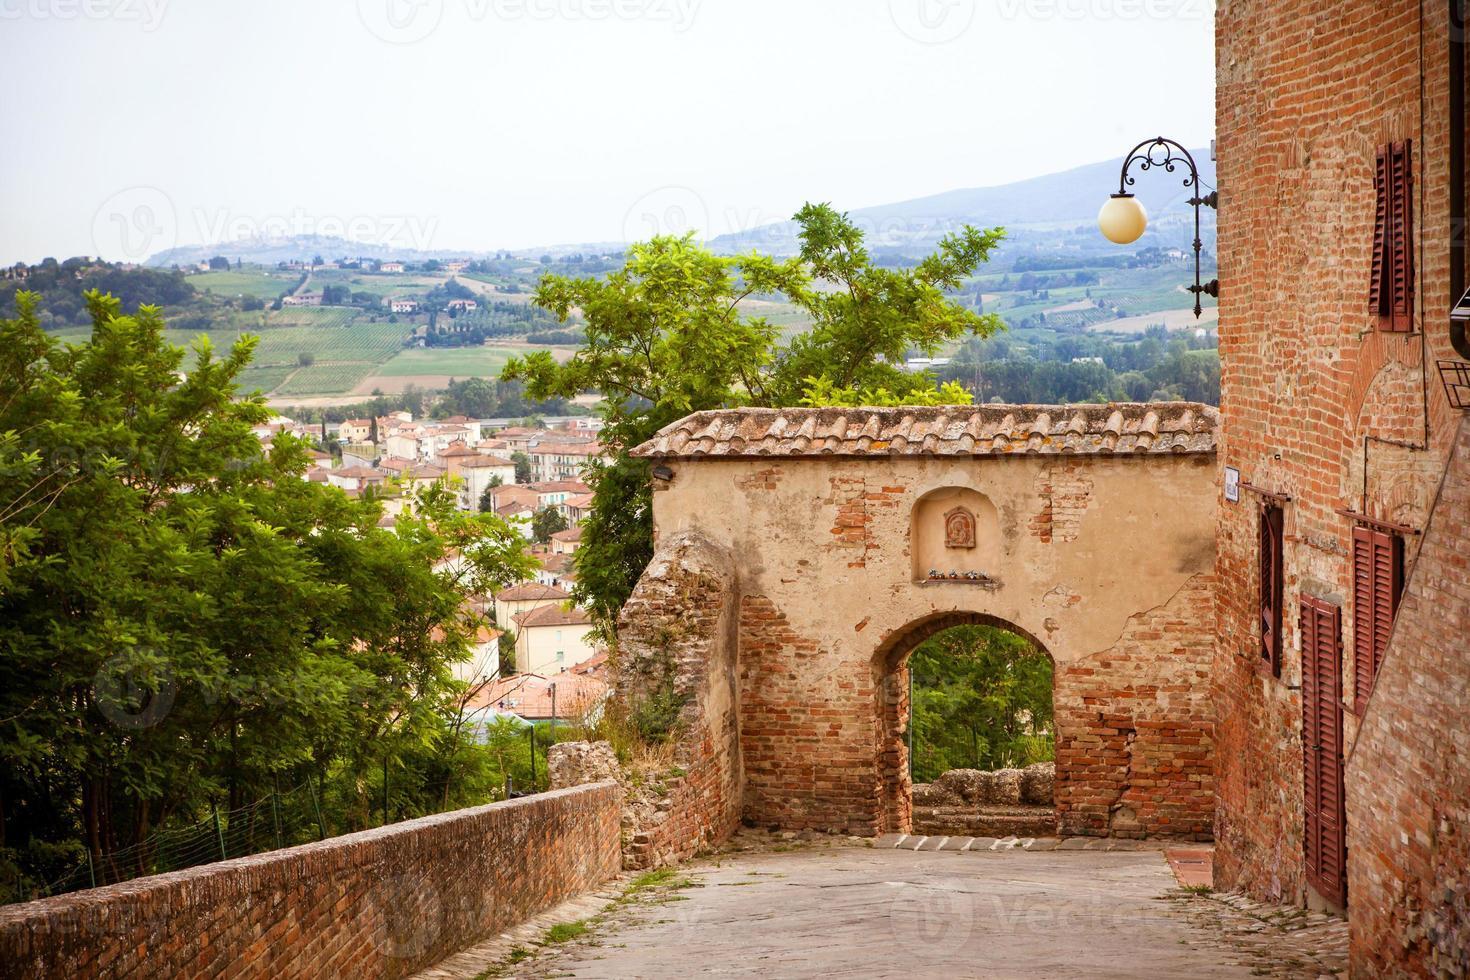 strada nel centro storico di certaldo, italia foto